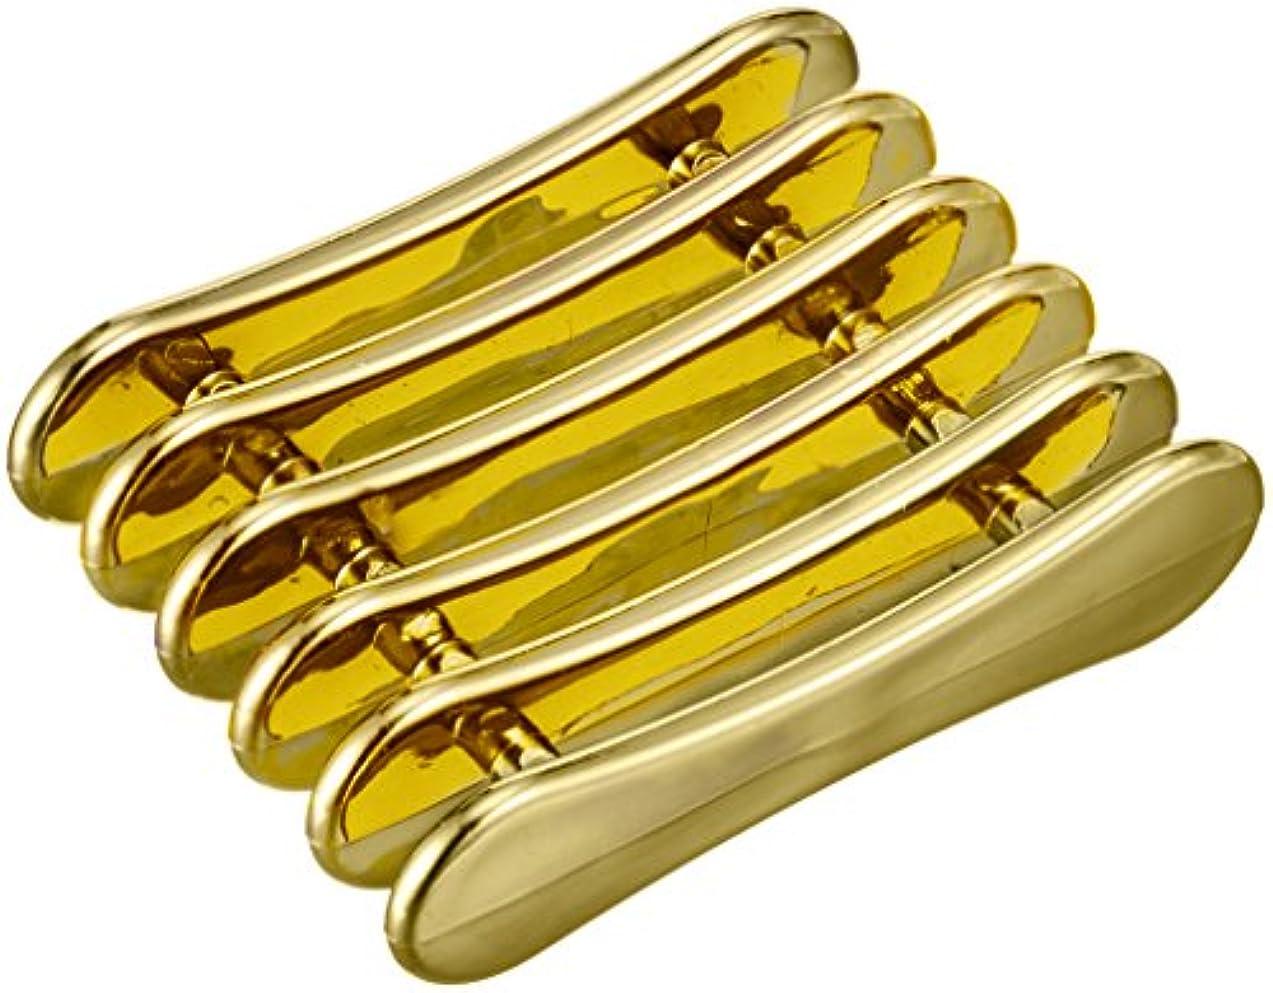 タイト宝石九BEAUTY NAILER ジェルブラシホルダー GBH-2 ゴールド